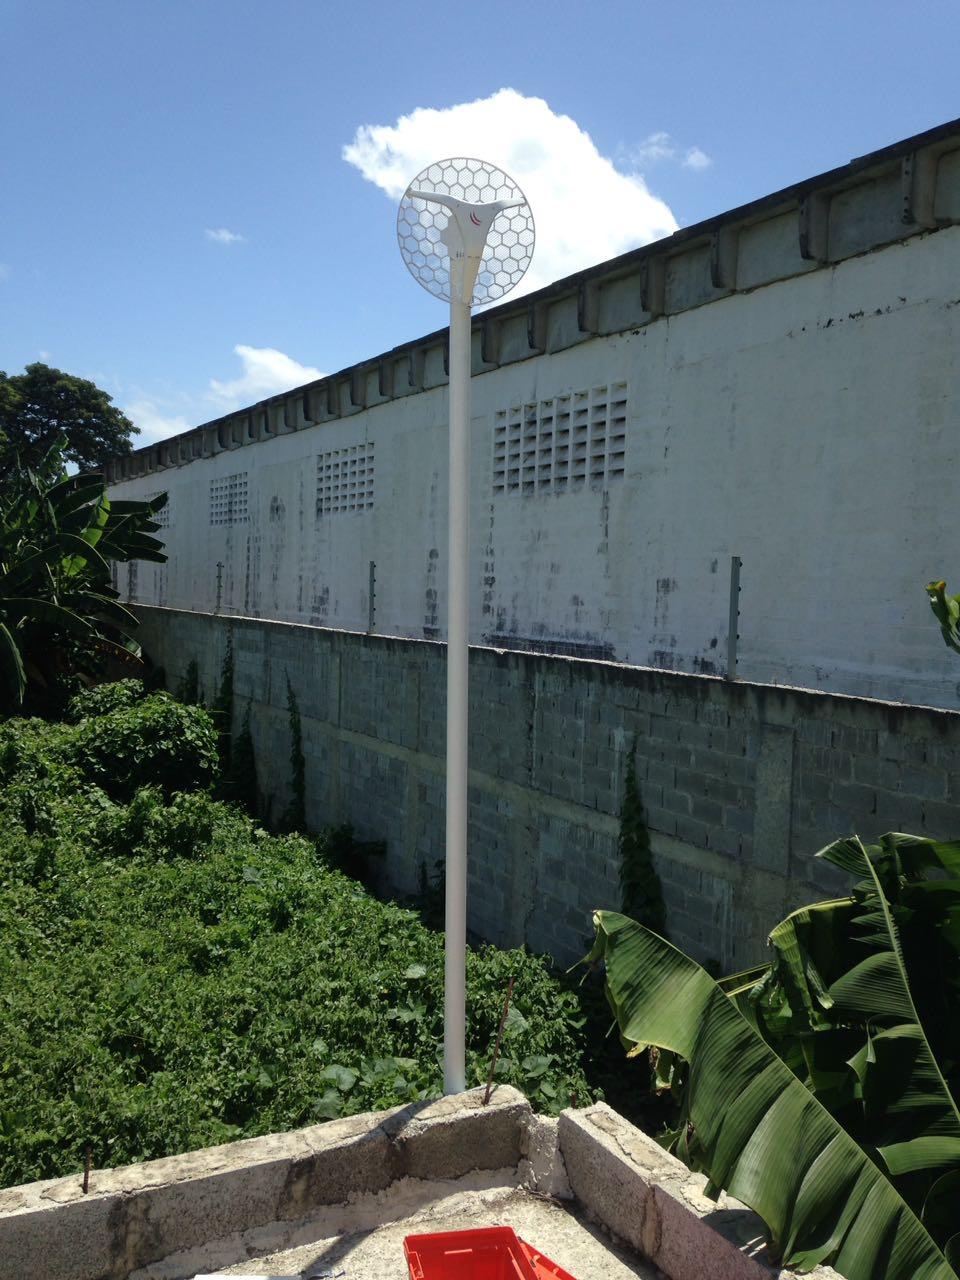 Impresiones Sobre Las Mikrotik Lhg 5 Rblhg 5nd Usadas Como Cpe Rm Tech Ubiquiti En Repblica Dominicana